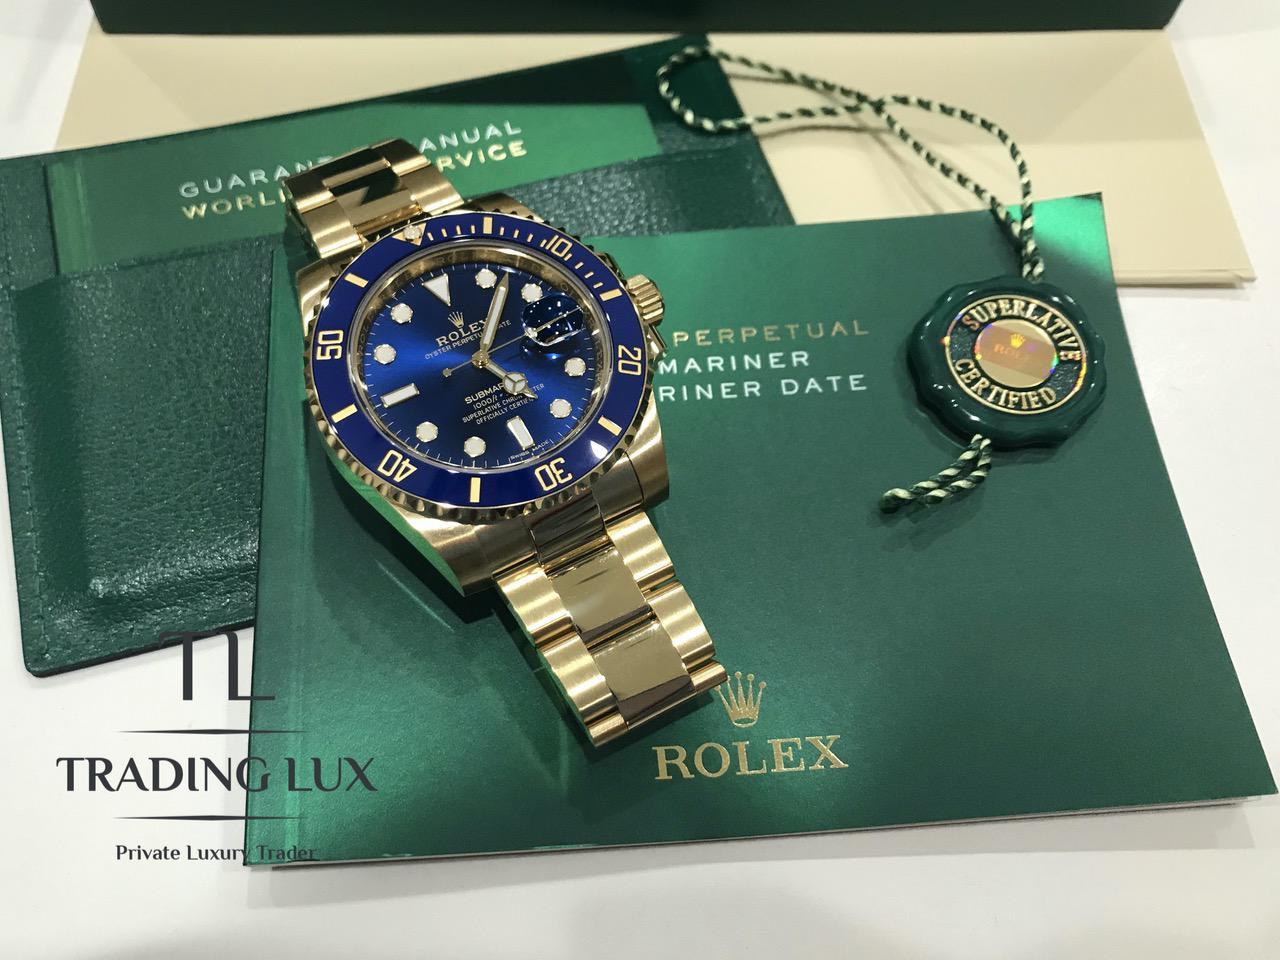 Rolex-Submariner-116618LB-8